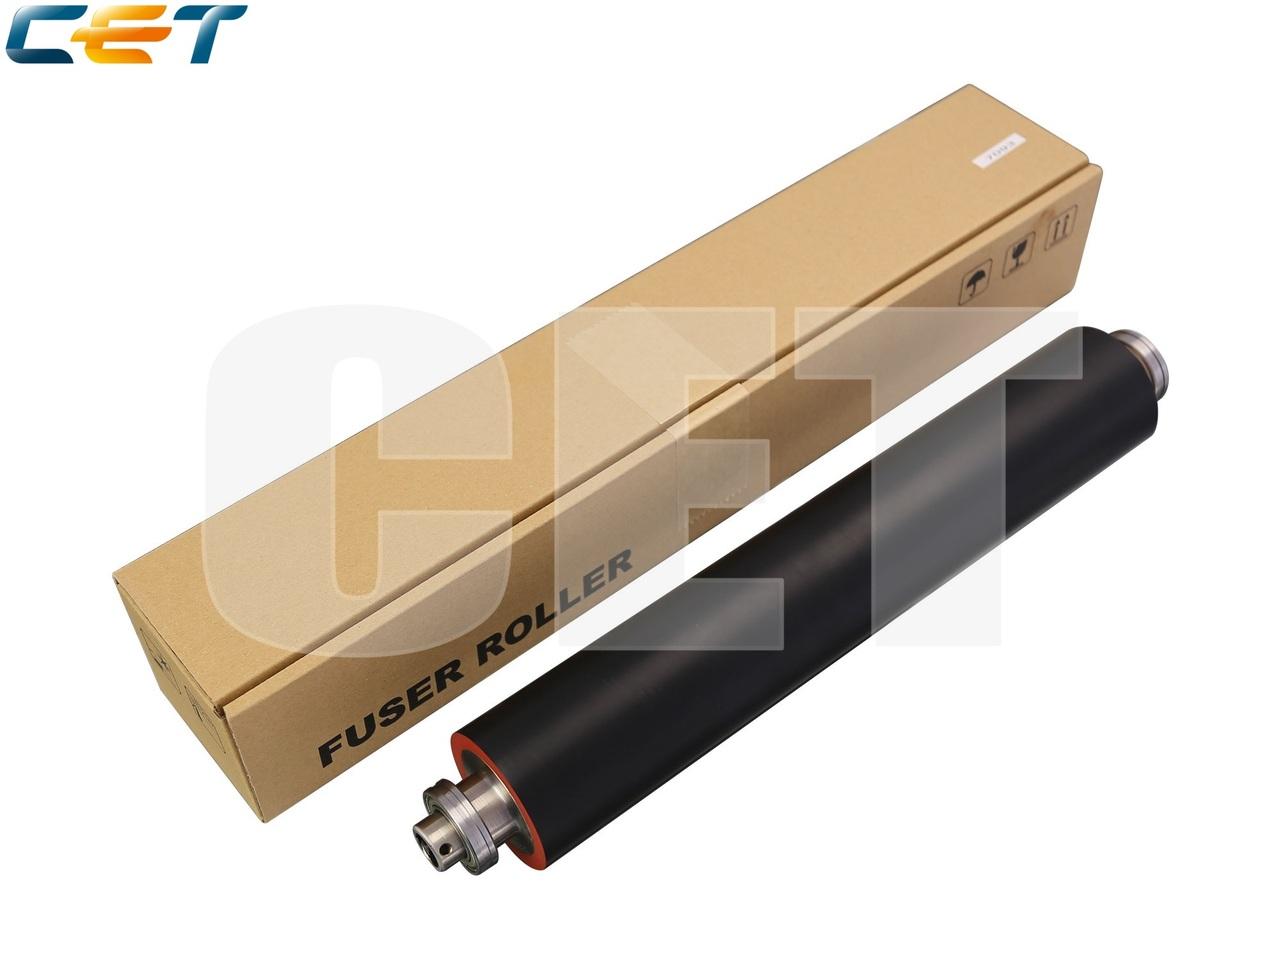 Резиновый вал с бушингами 57GAR72200, 57GA-5280 дляKONICA MINOLTA Bizhub Pro 920/950 (CET), CET7093